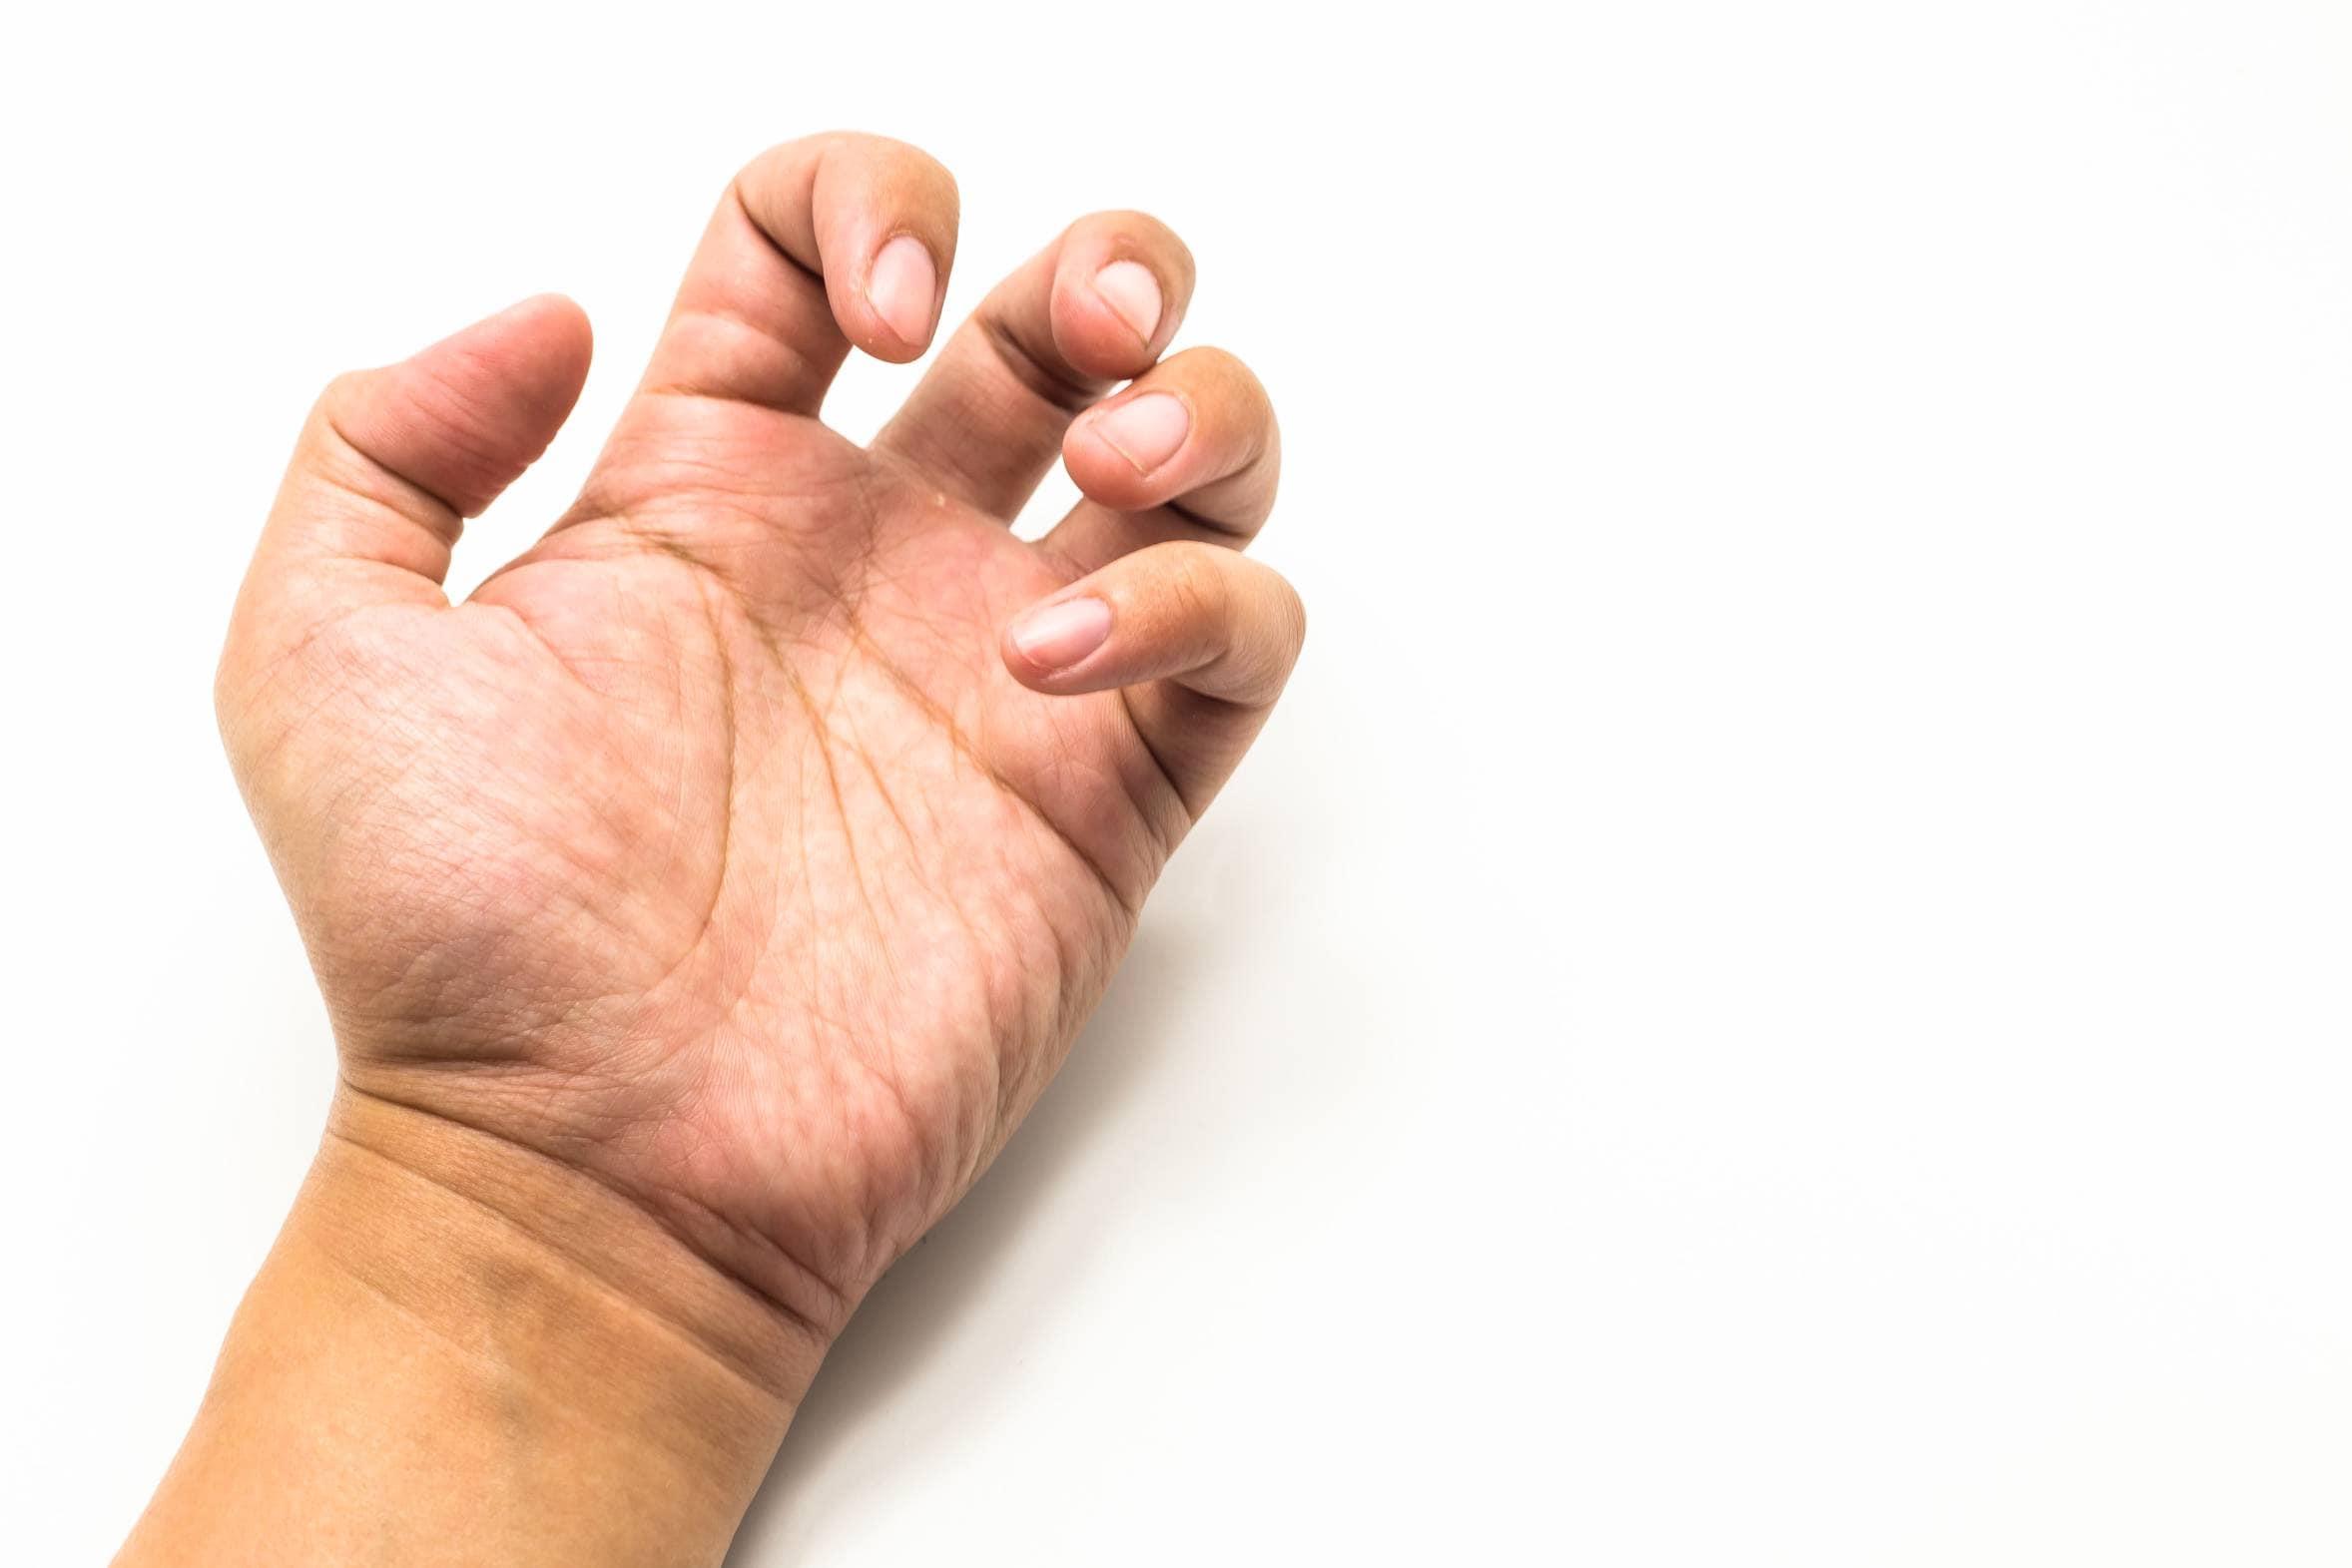 pirrningar i fötterna